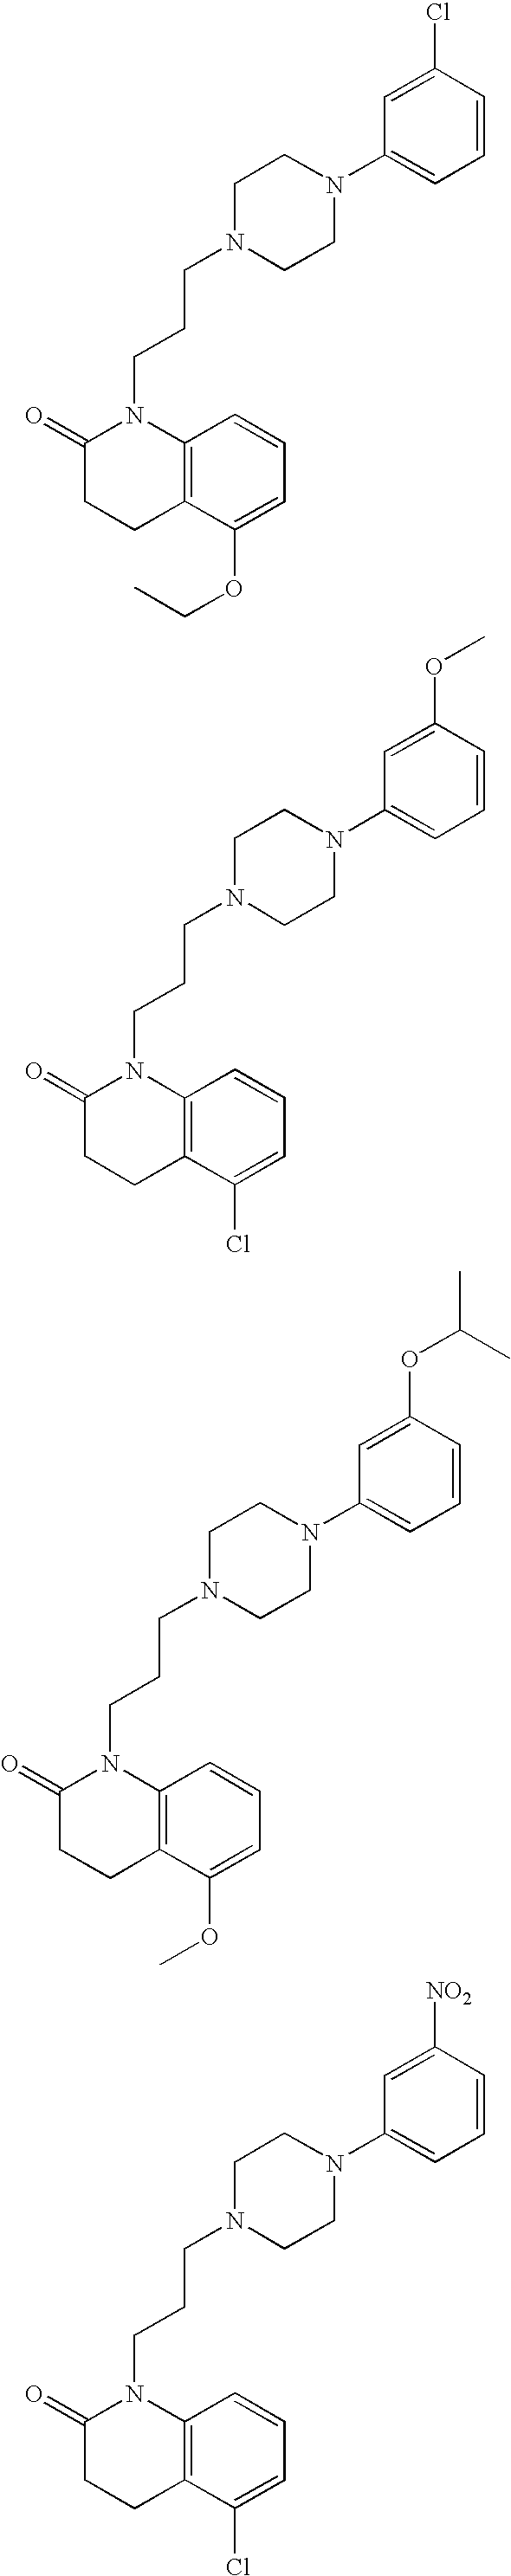 Figure US20100009983A1-20100114-C00138